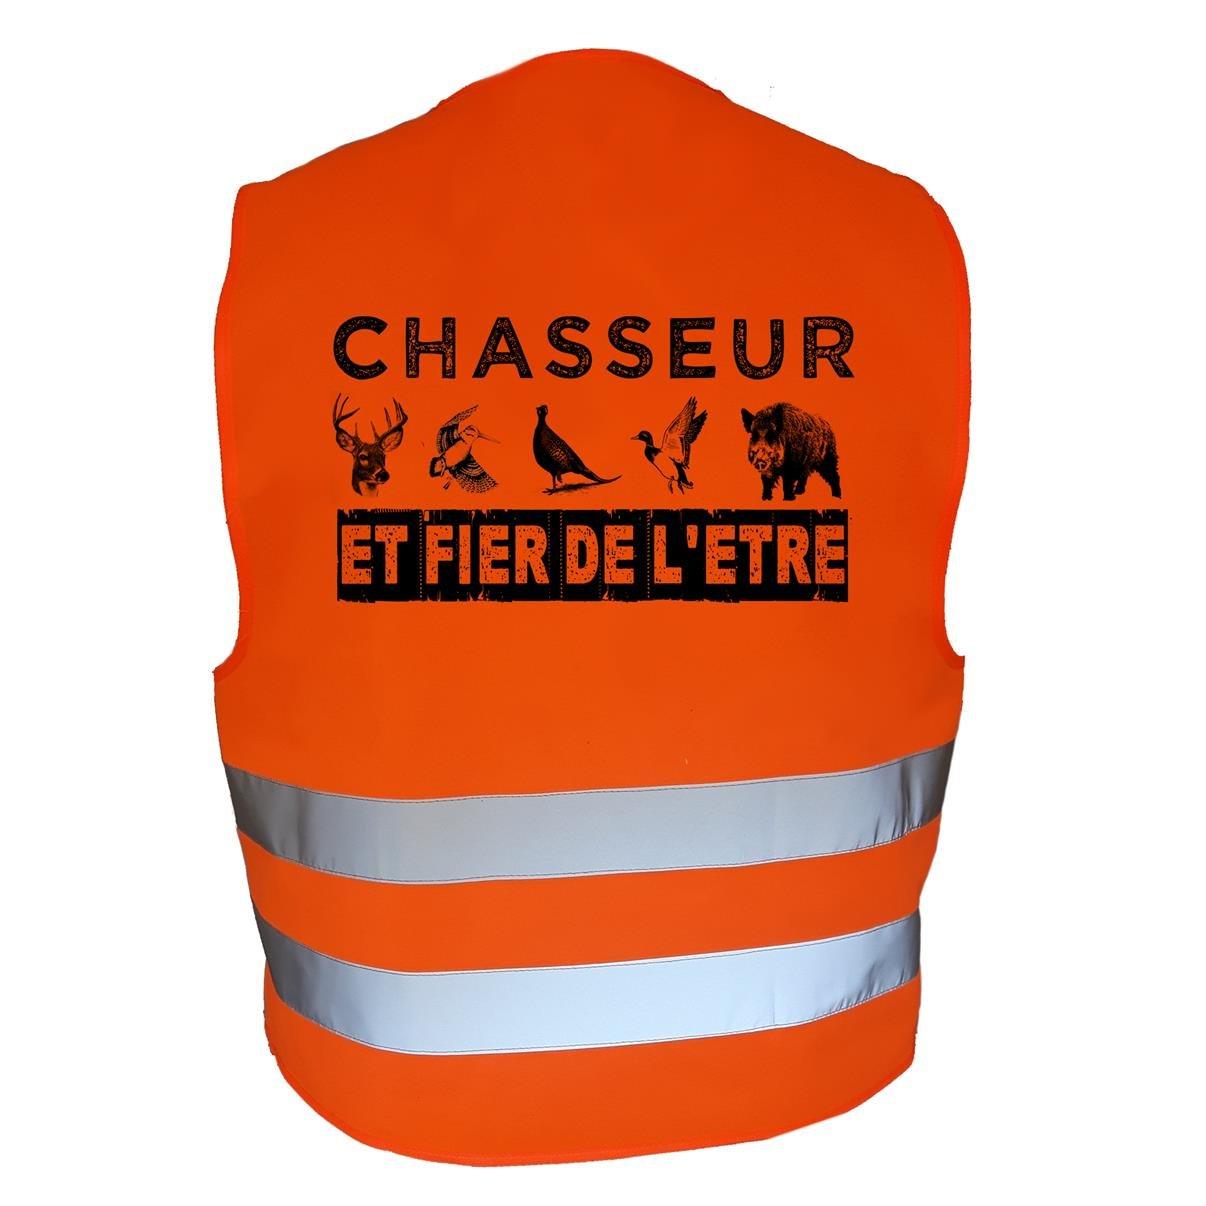 Chasseur et Fier de l/être AtooDog Gilet de Chasse Fluo r/éfl/échissant